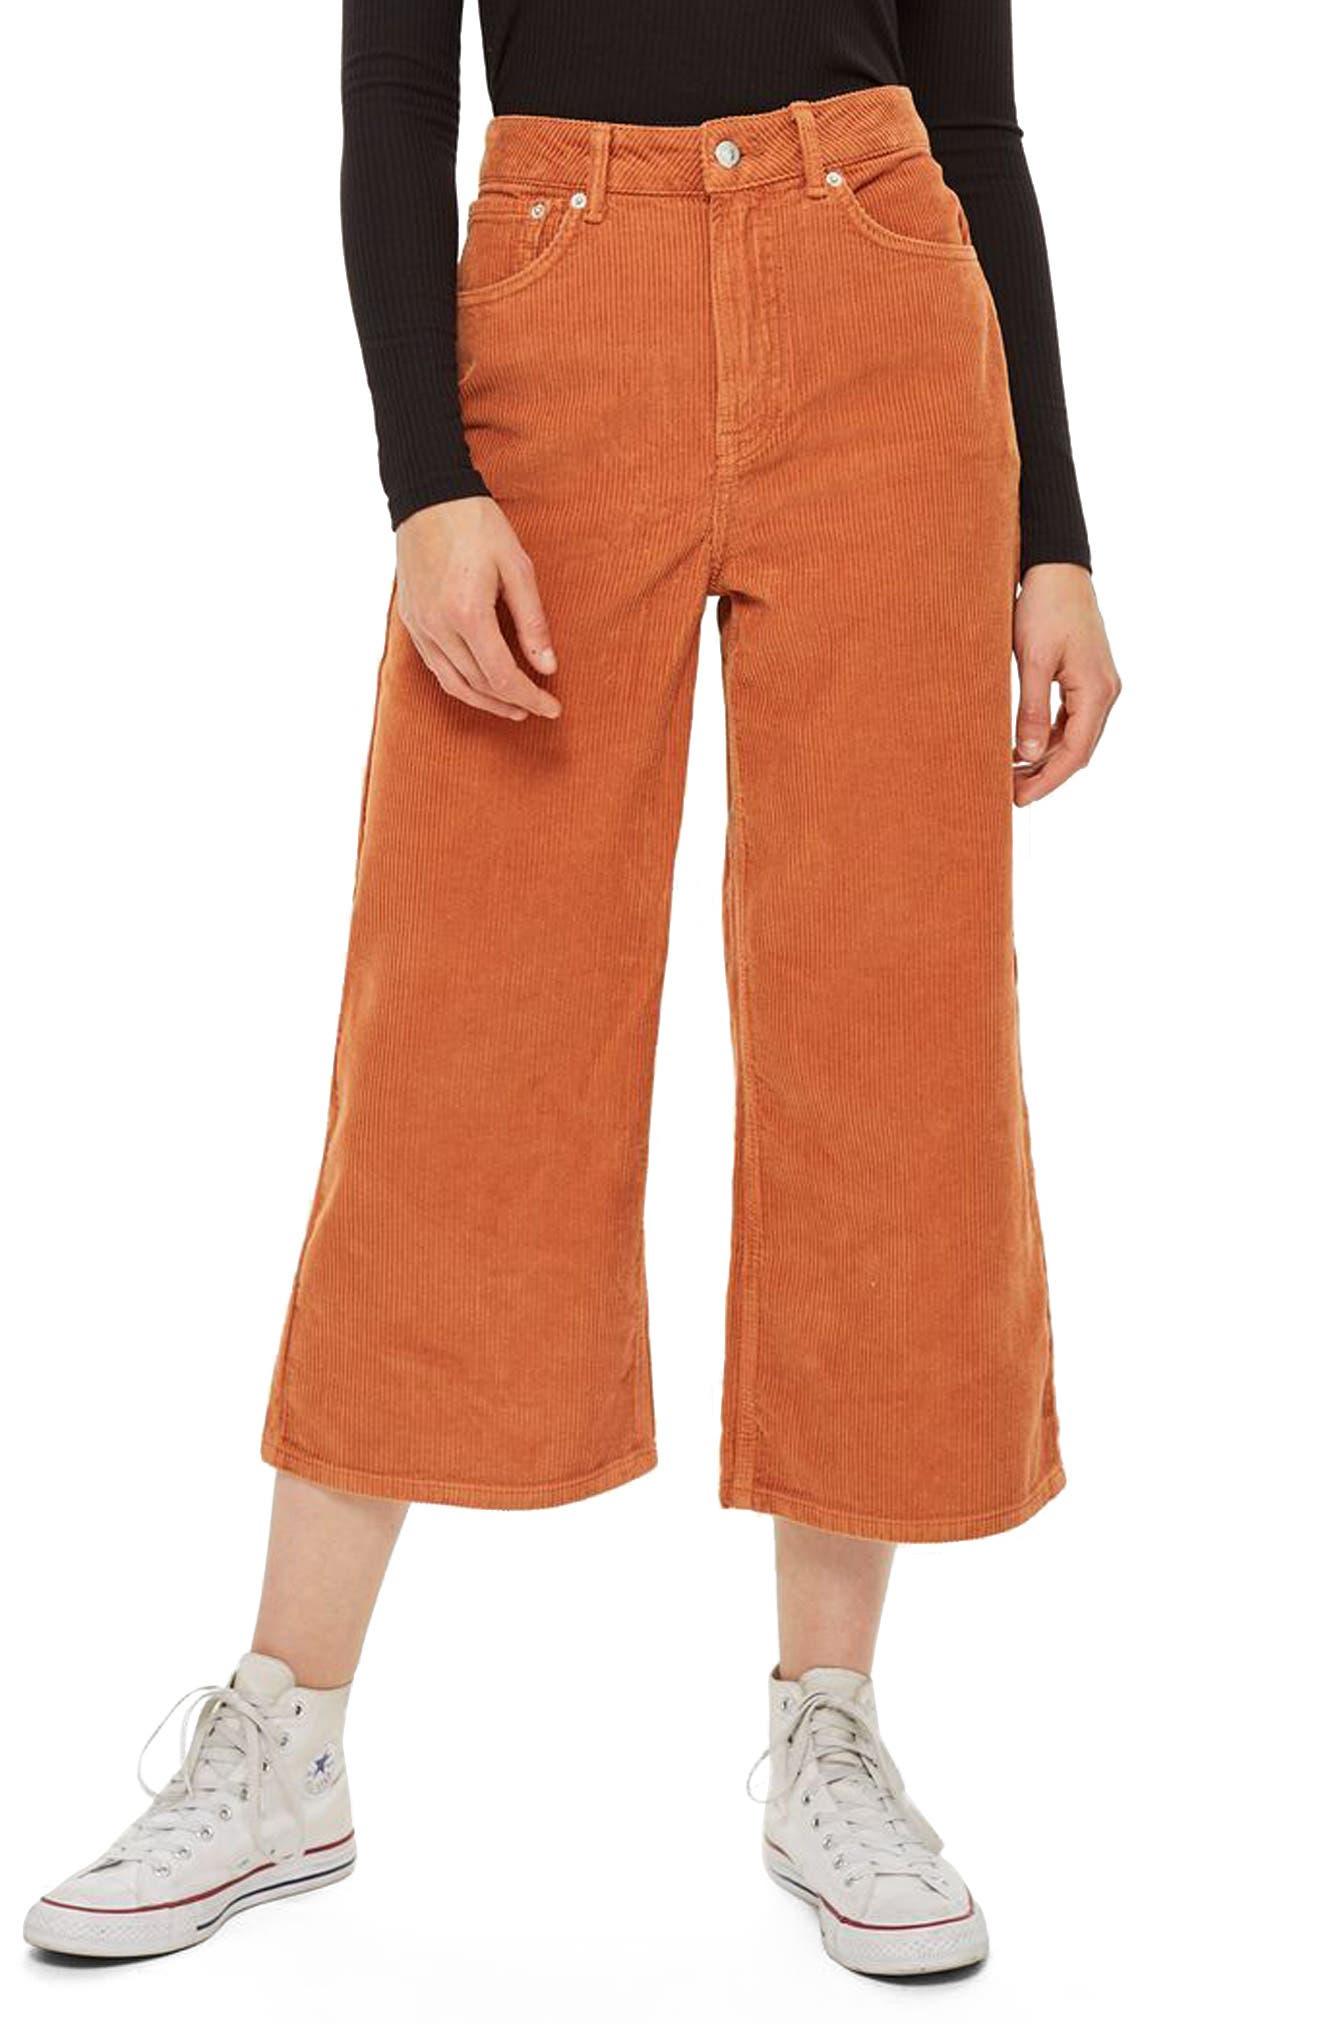 TOPSHOP, Wide Leg Corduroy Trousers, Main thumbnail 1, color, 210